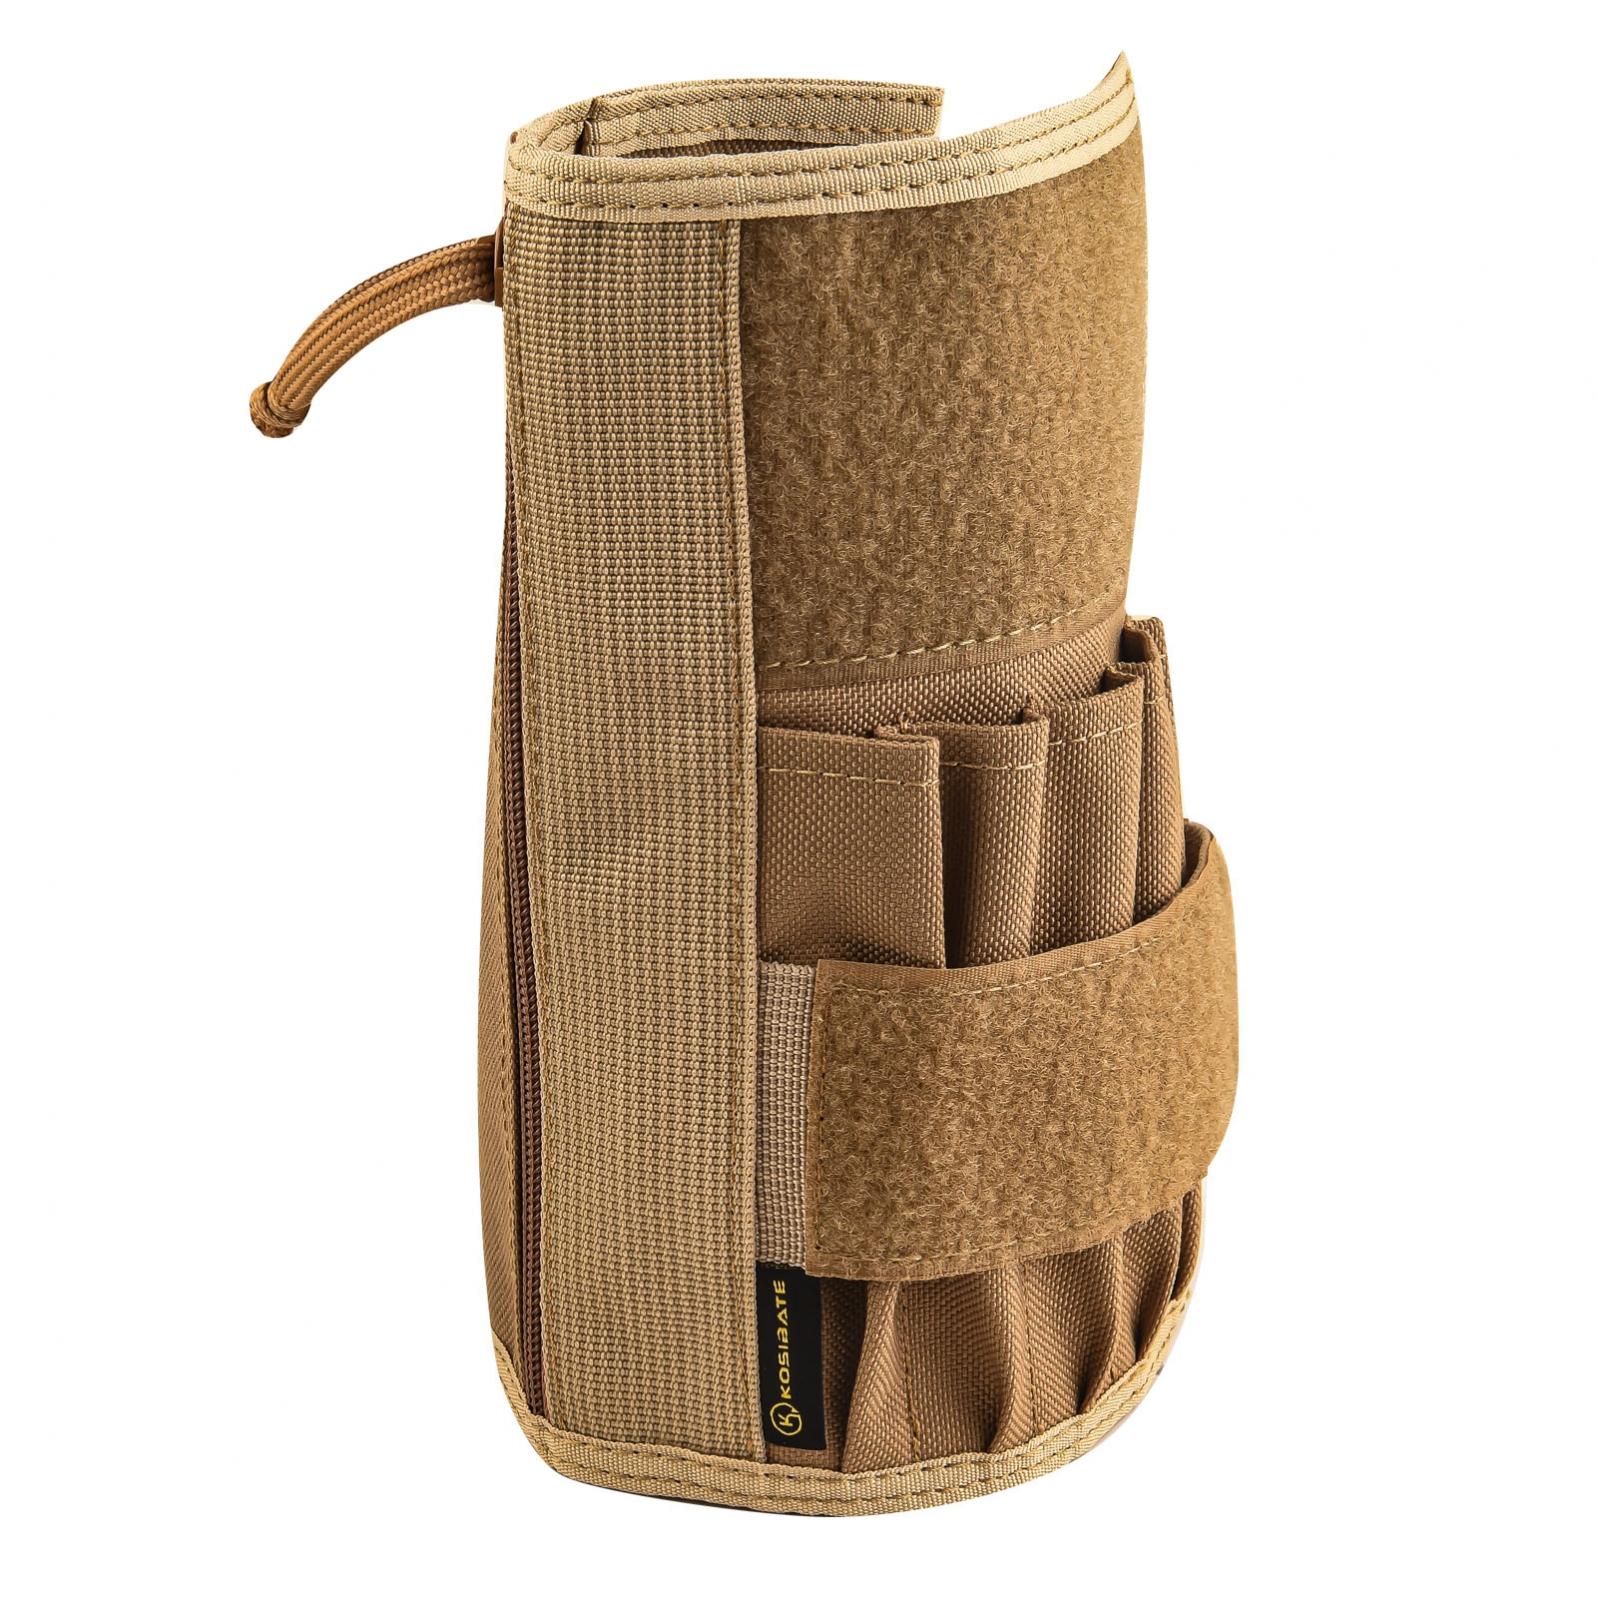 Тактический органайзер Kosibate для блокнота и аксессуаров (койот)